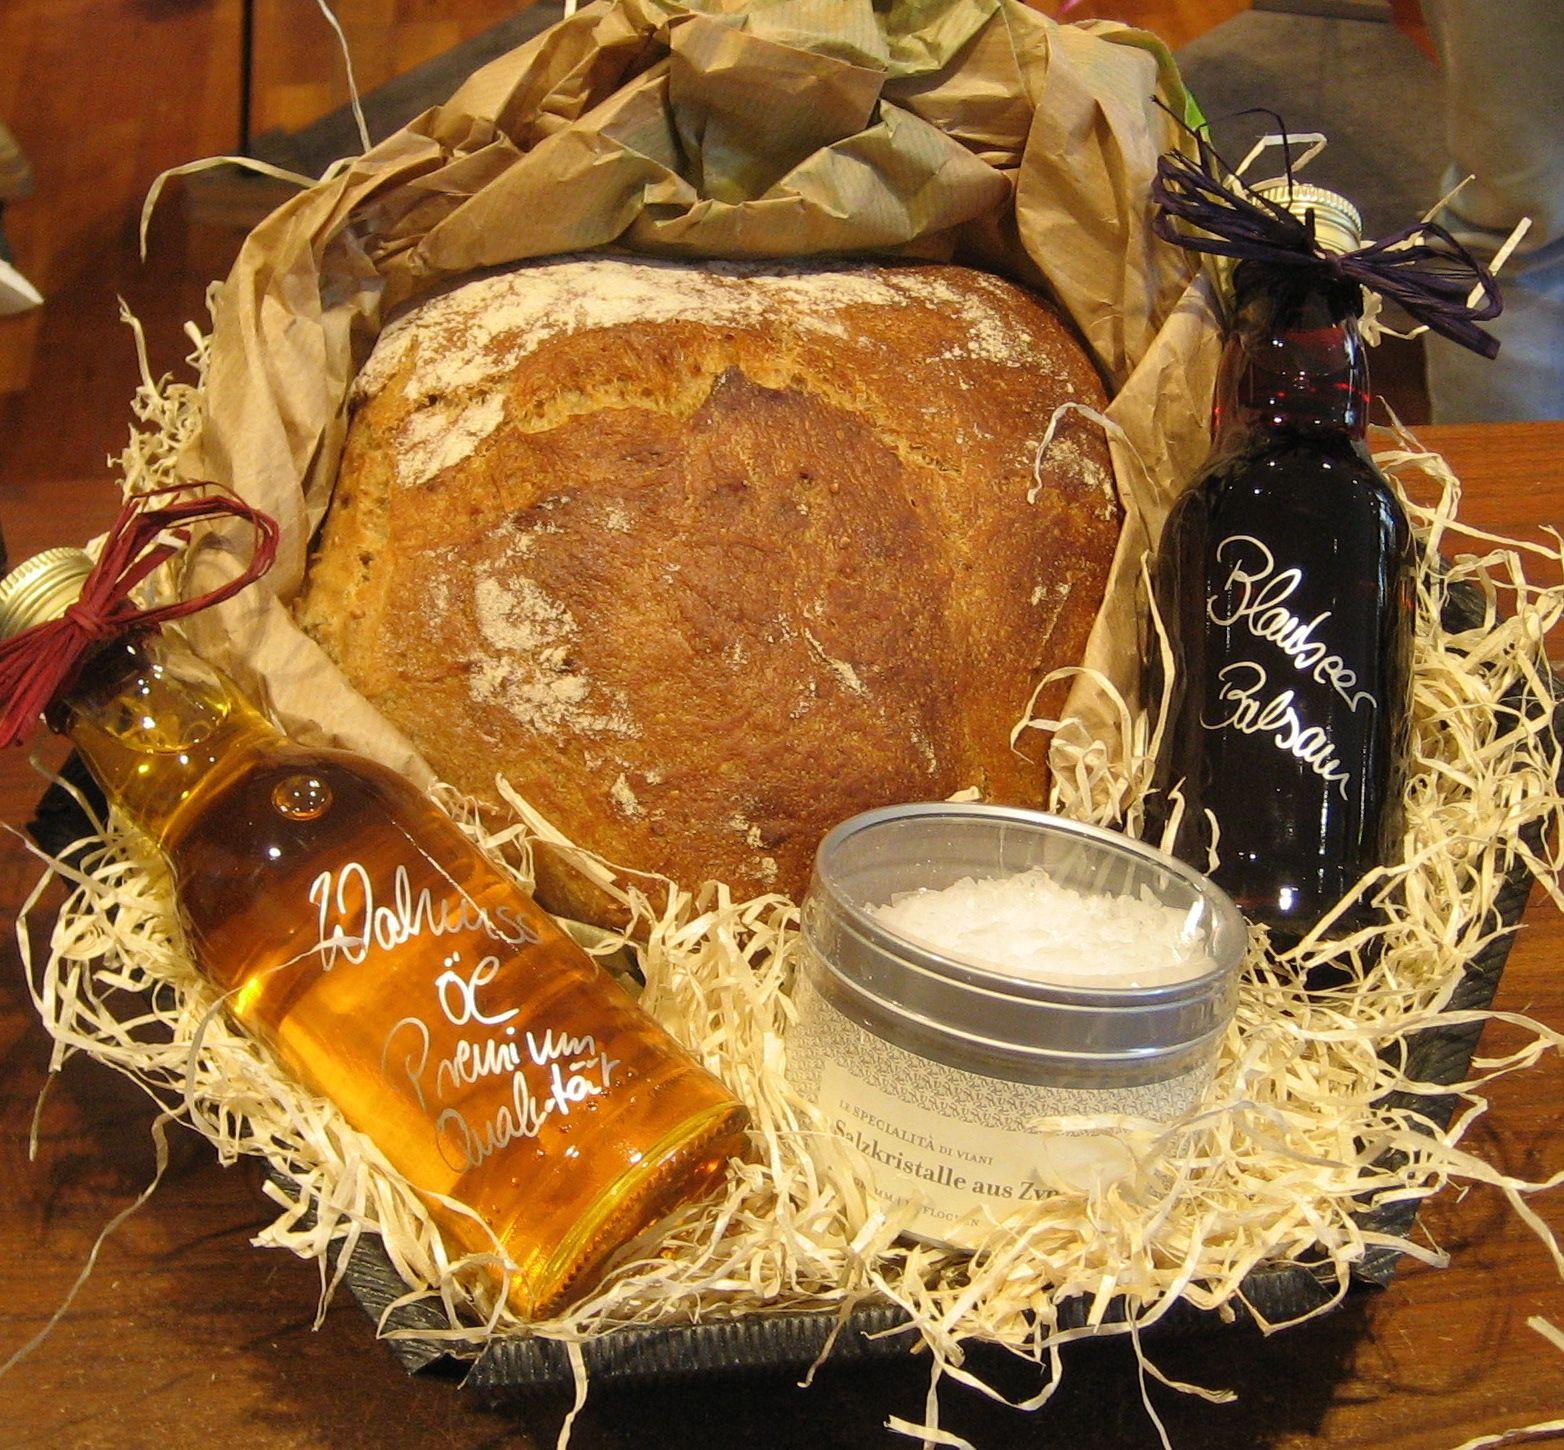 Salz und Brot zum Umzug sind ein schöner Brauch seine ...